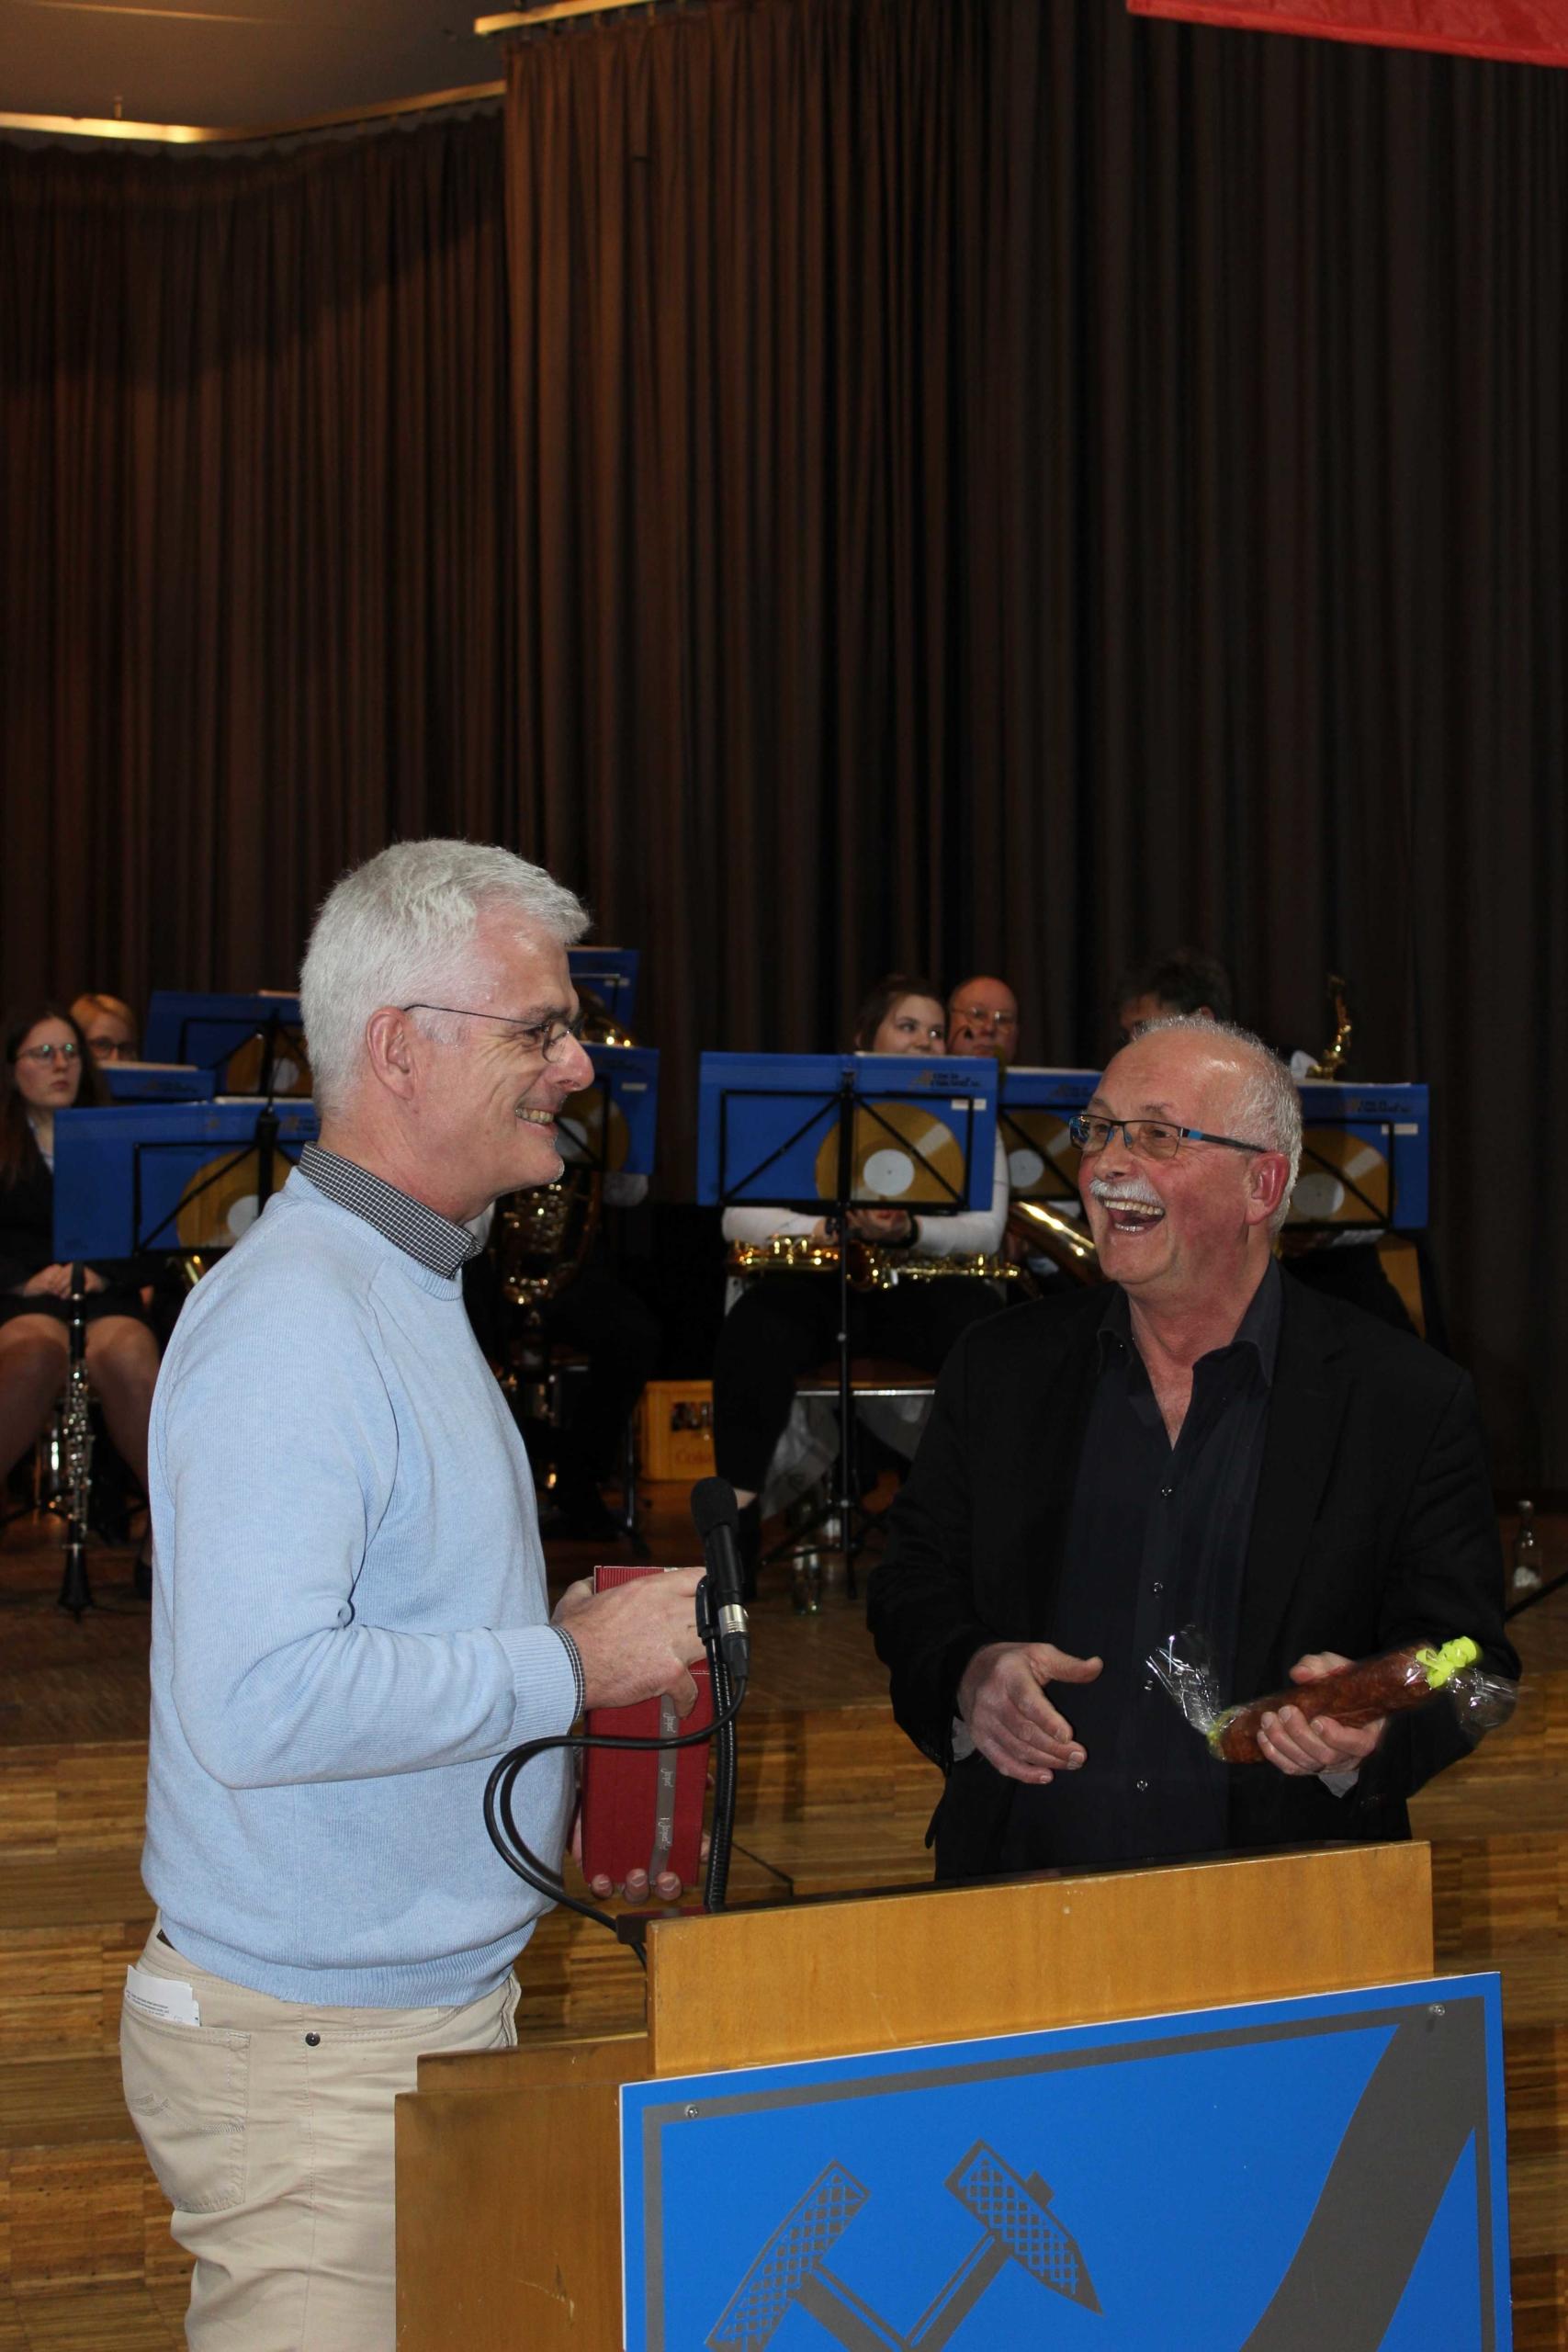 Von links: Torsten Warnecke MdL überreicht Dr. Udo Bullmann MdEP ein Präsent am Abschluss der Veranstaltung- (Foto: Thomas Giese/nh)